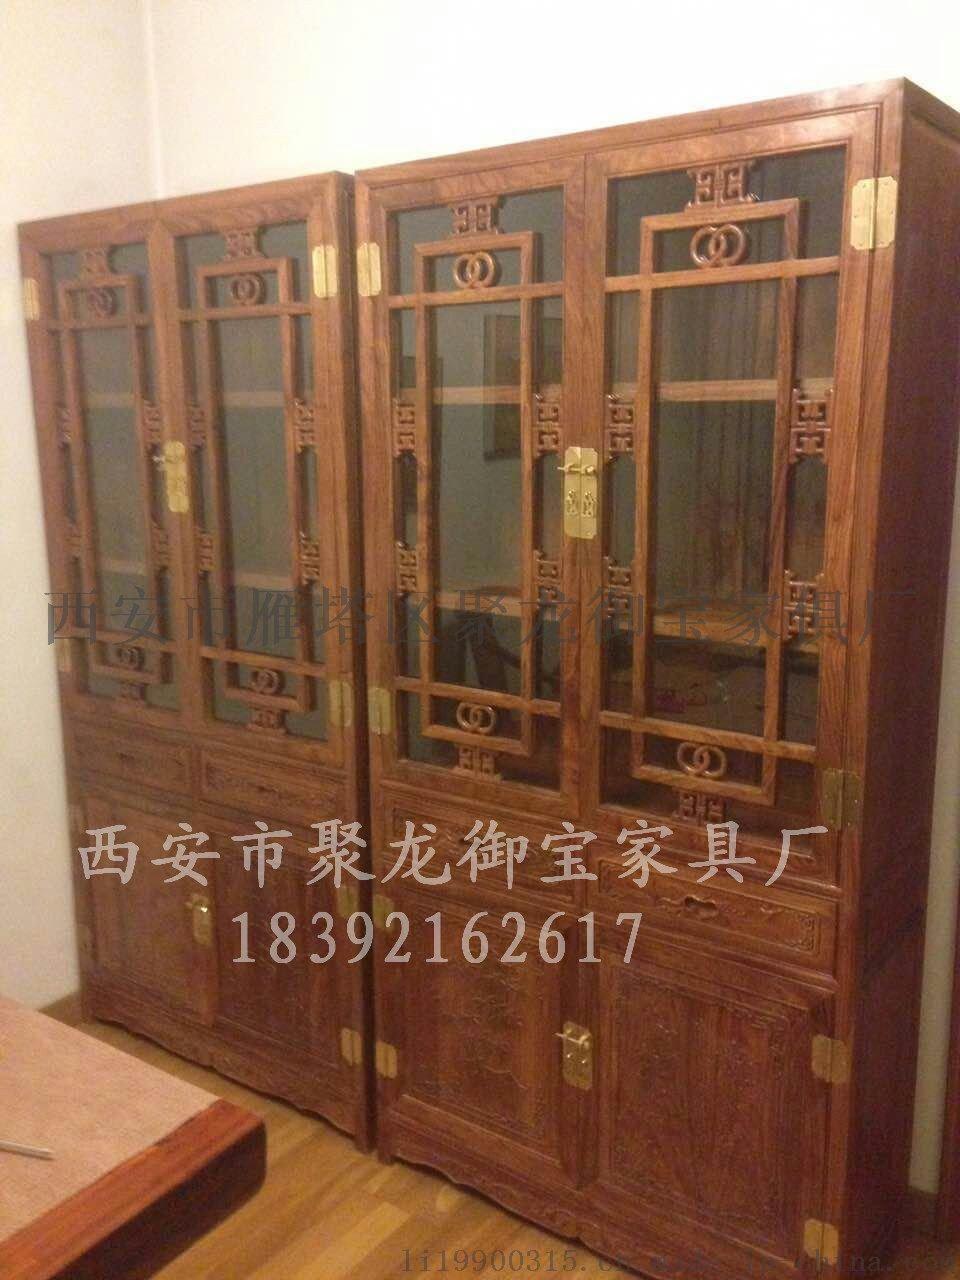 供应陕西西安红木书柜 榆木书柜 古典书柜 仿古书柜以及.图片